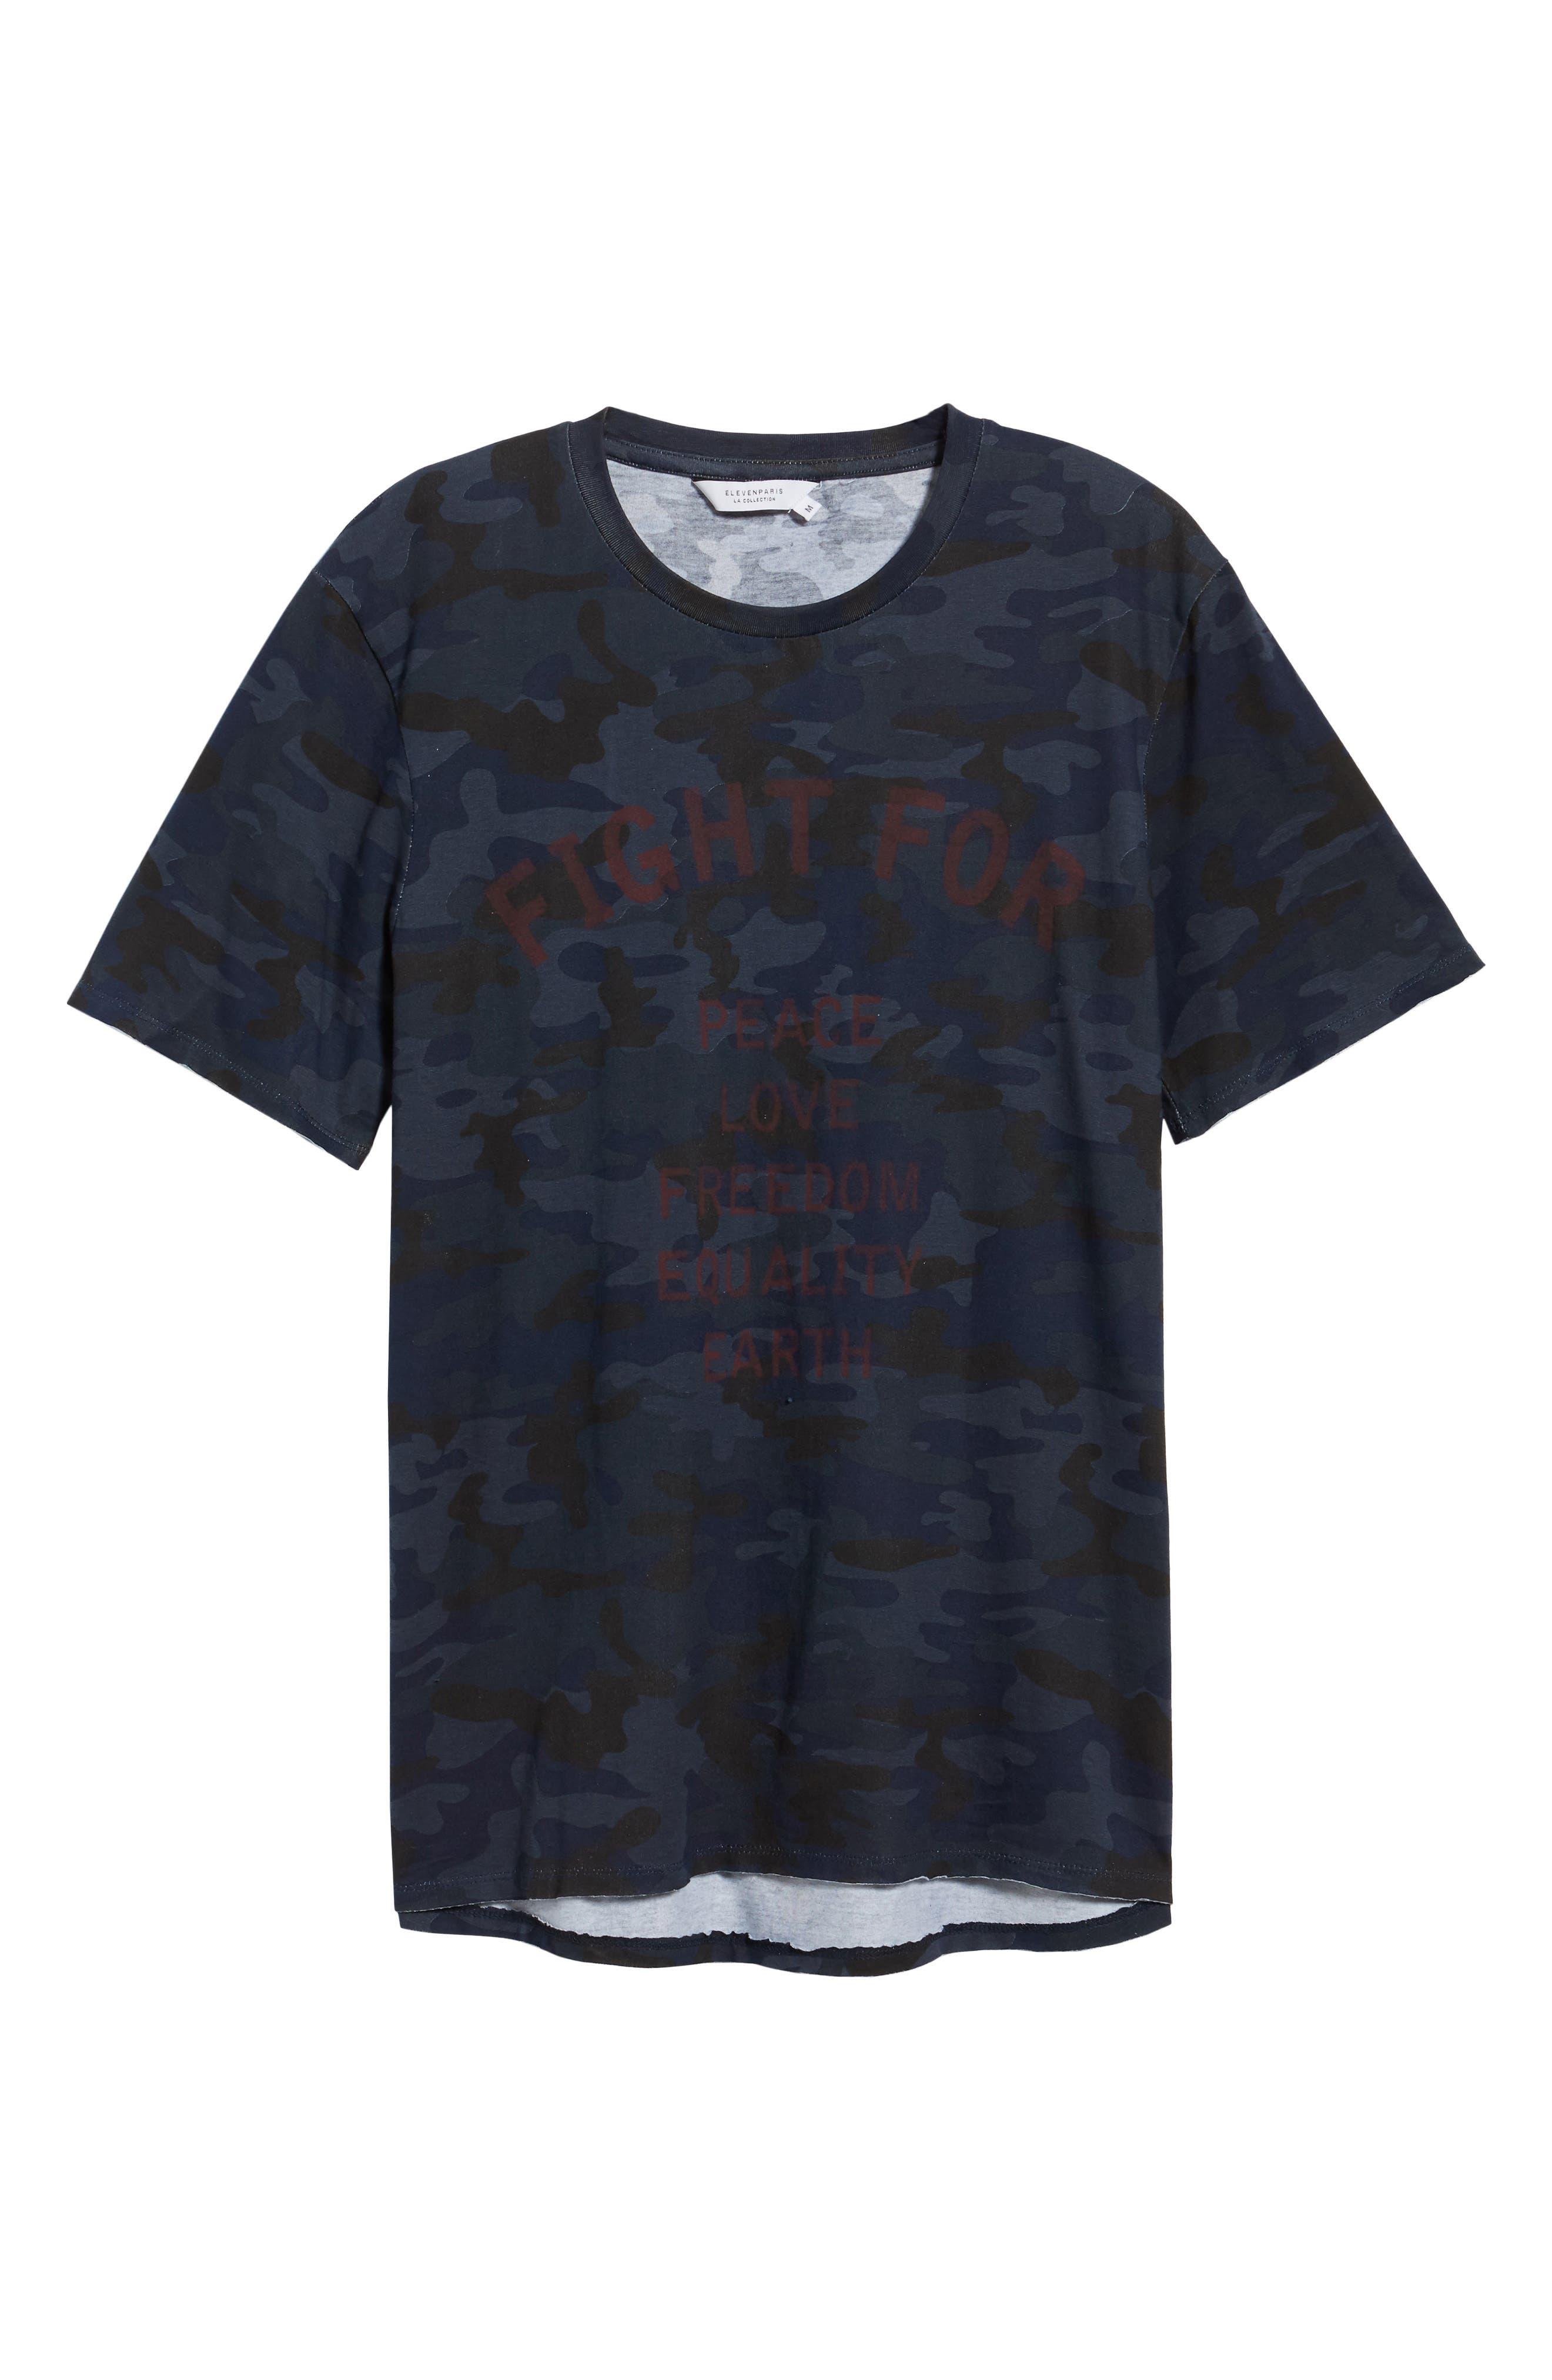 Noght T-Shirt,                             Alternate thumbnail 6, color,                             001